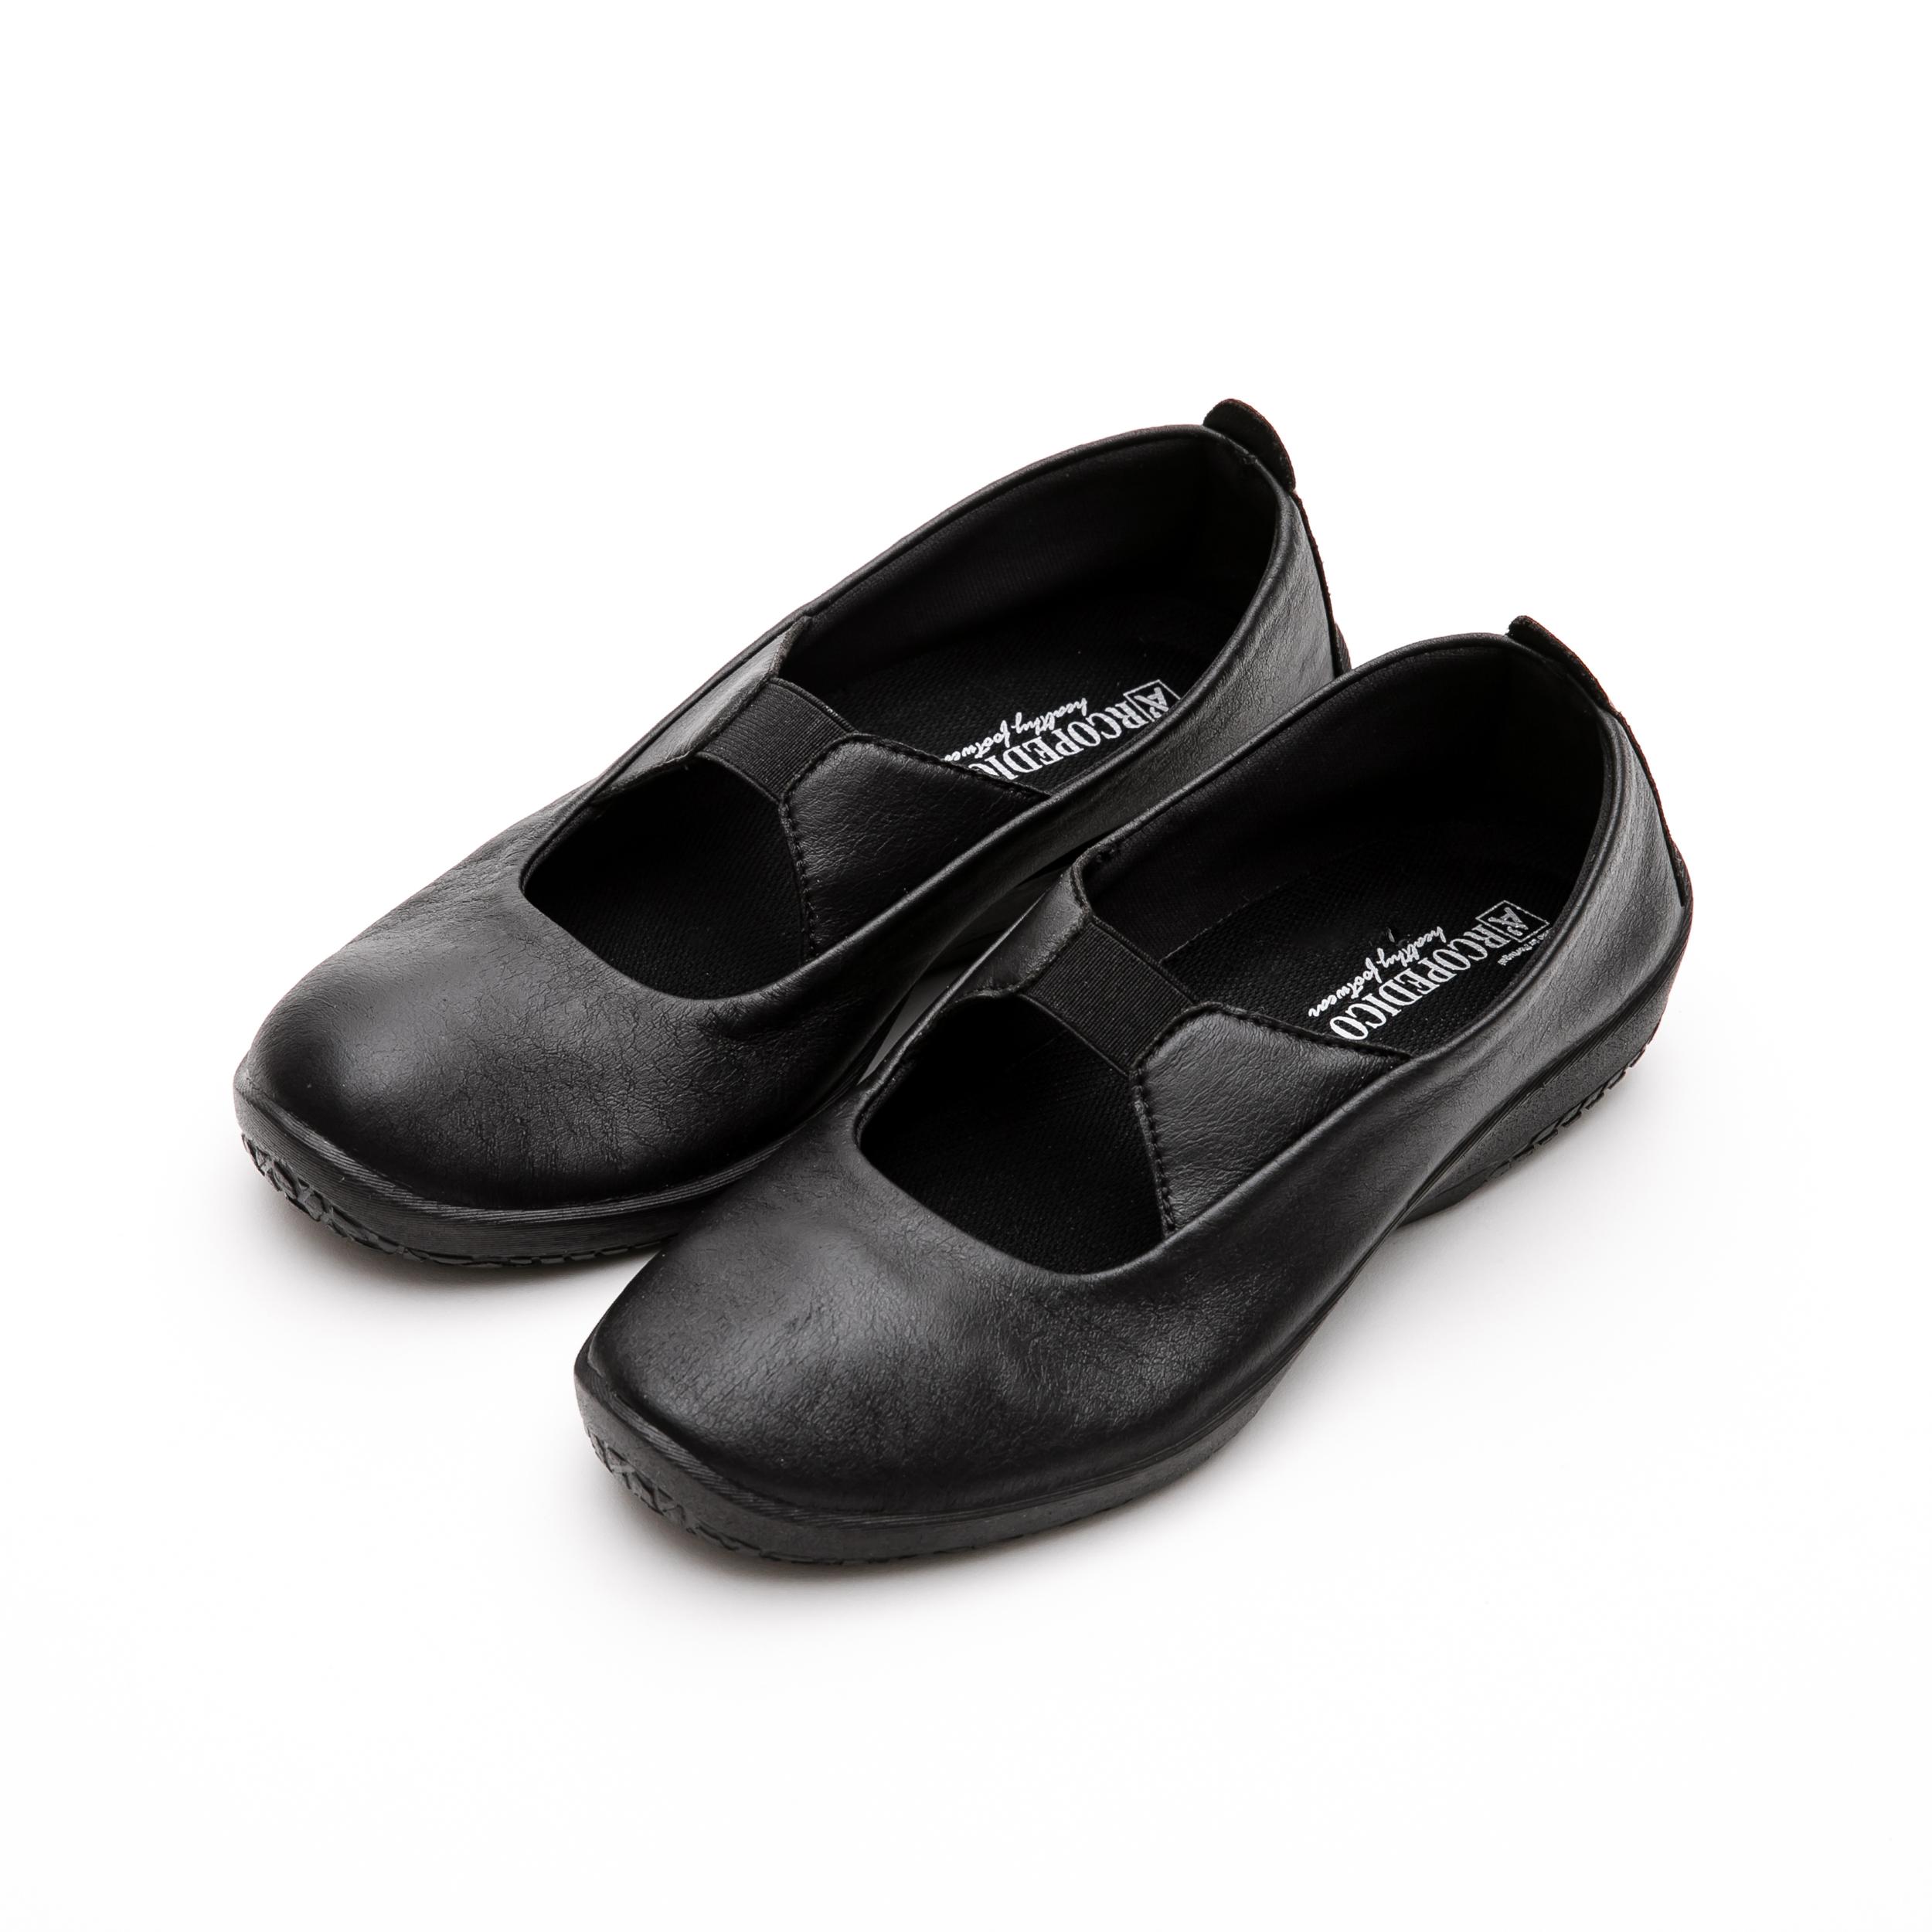 《雅客》經典萊卡淑女足弓鞋 (三色)